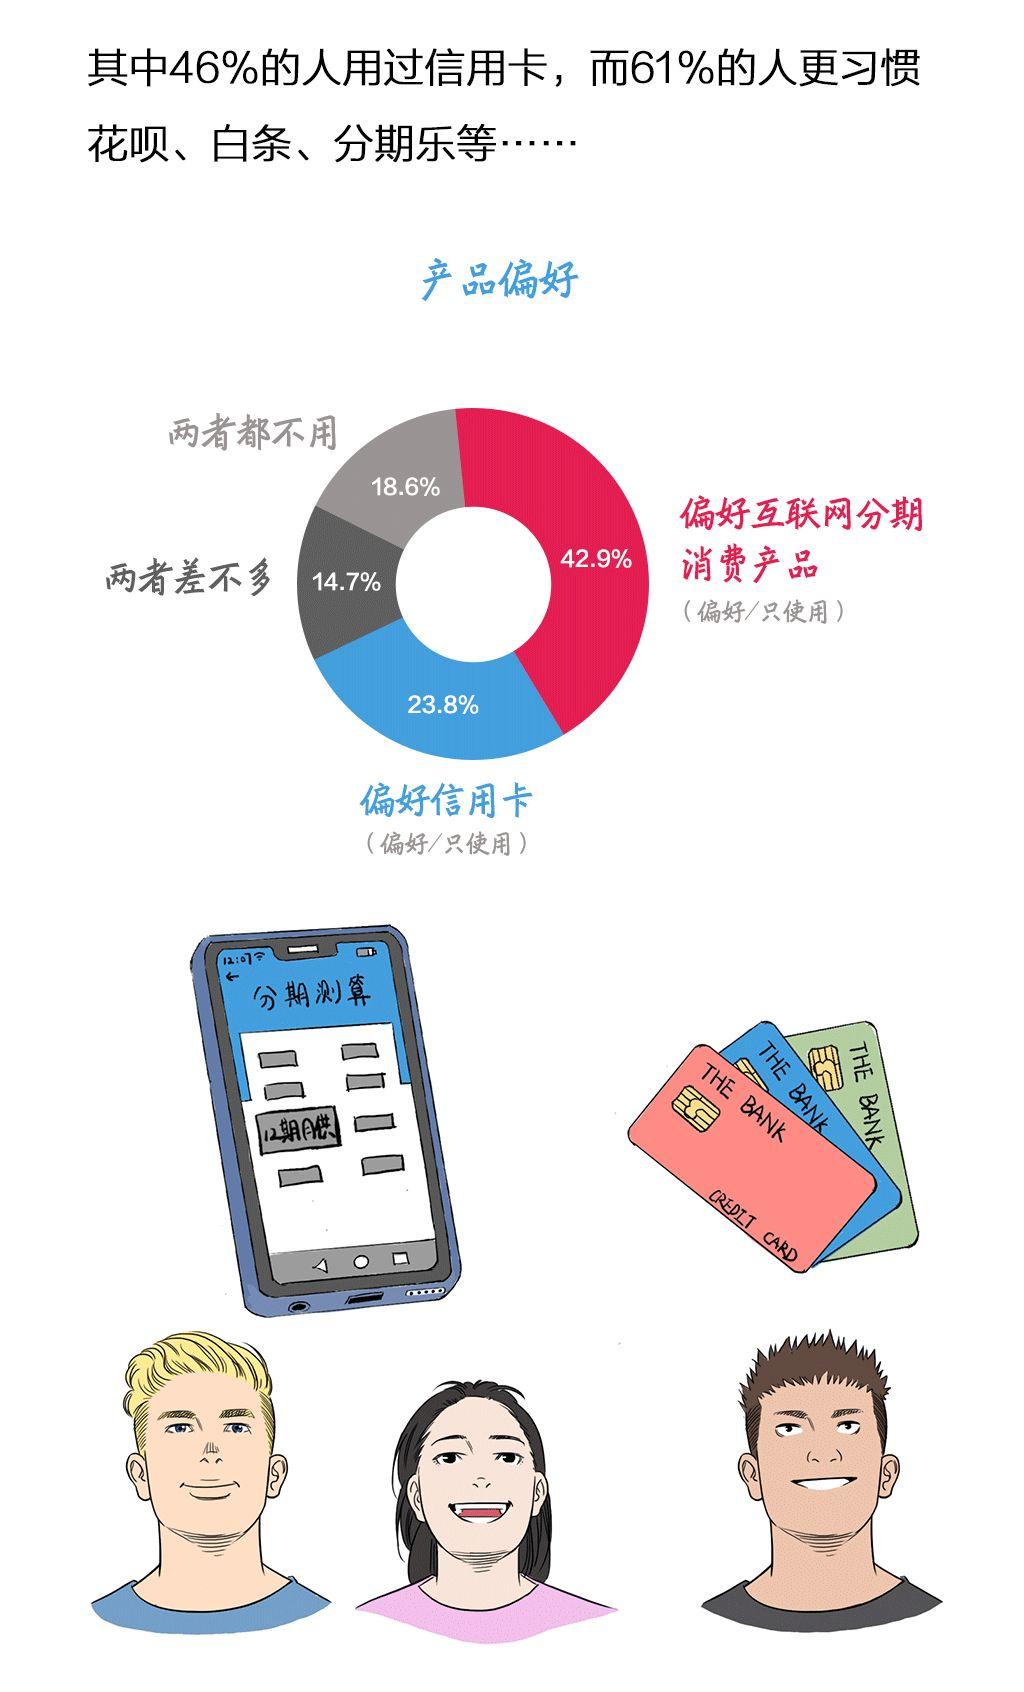 """m88娱乐手机版下载·肇庆著名传统小吃,明明长着粽子模样,专家却偏说""""裹蒸不是粽"""""""